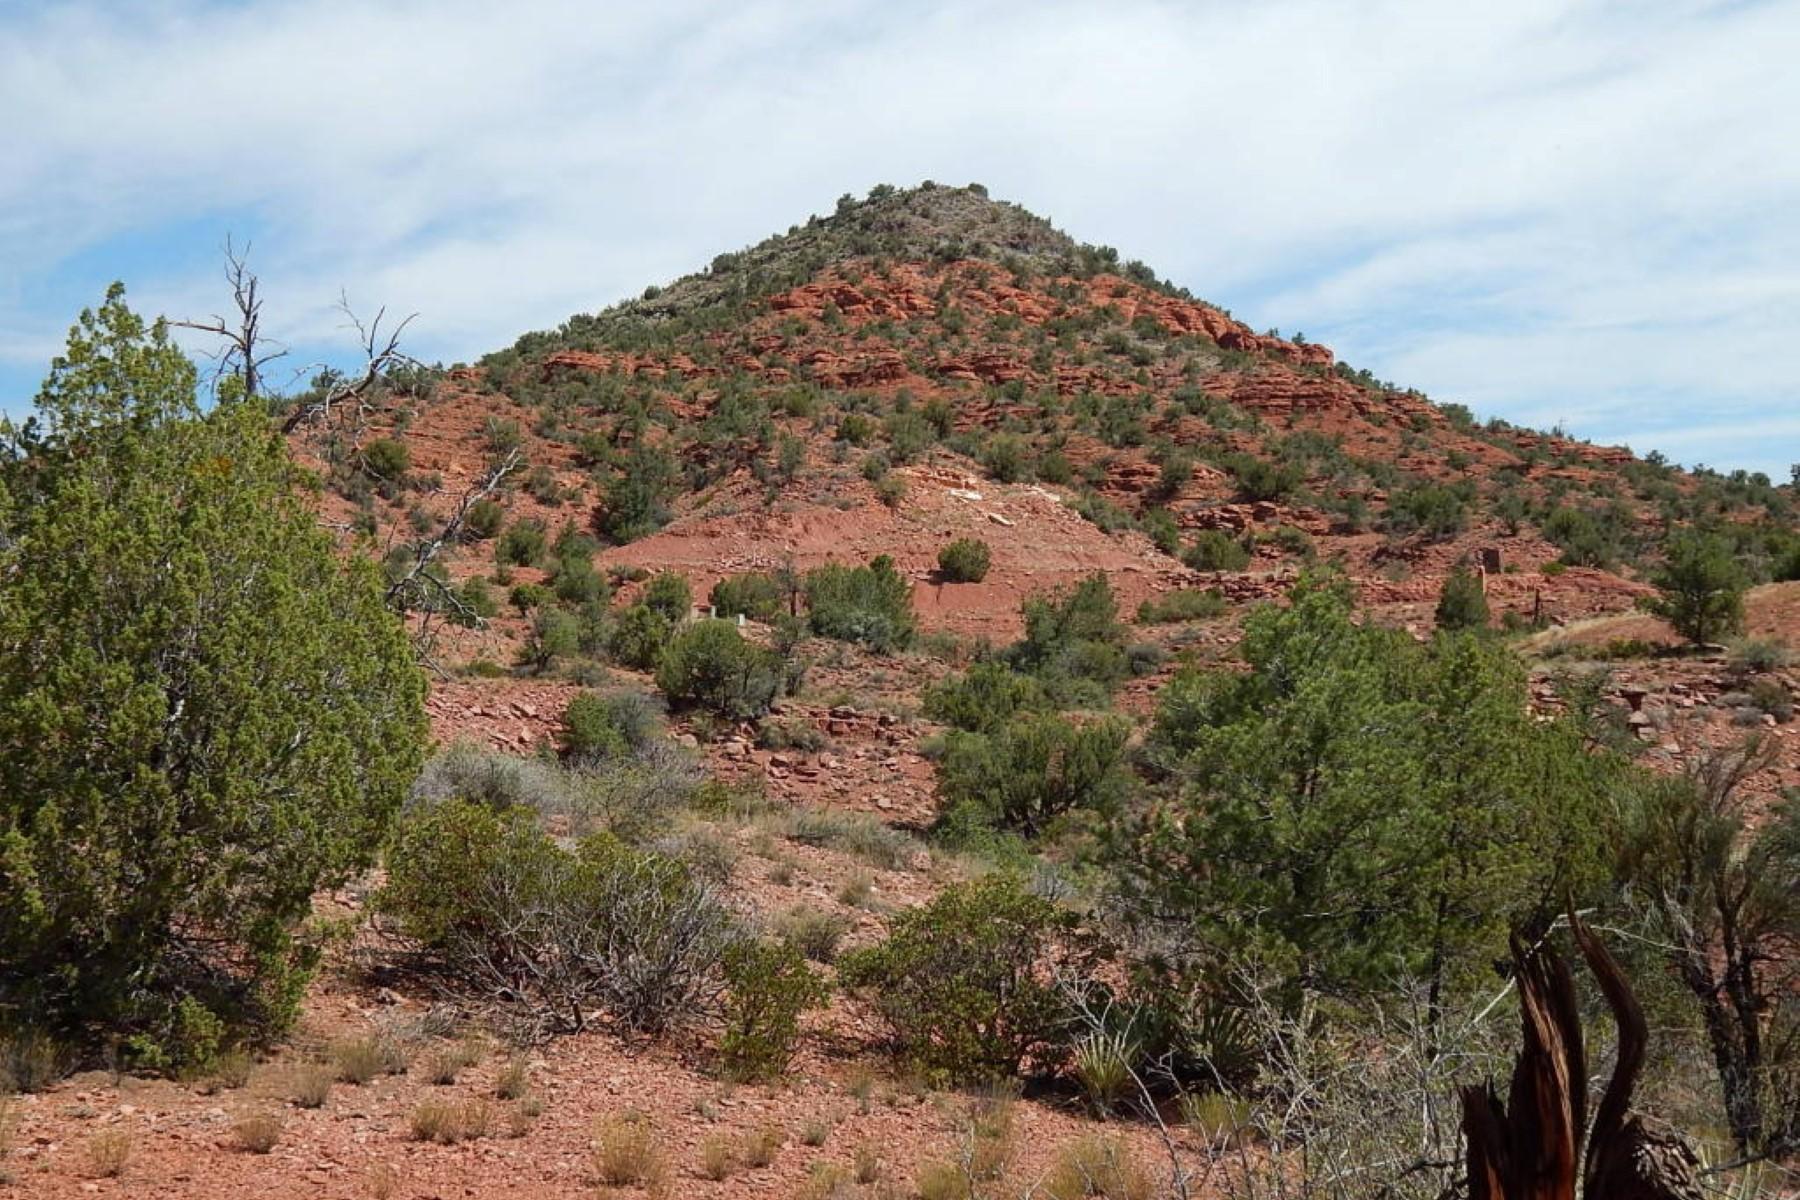 Terreno per Vendita alle ore Beautiful view lot in Cup of gold estates 12c Calle Taza De Oro Sedona, Arizona, 86336 Stati Uniti